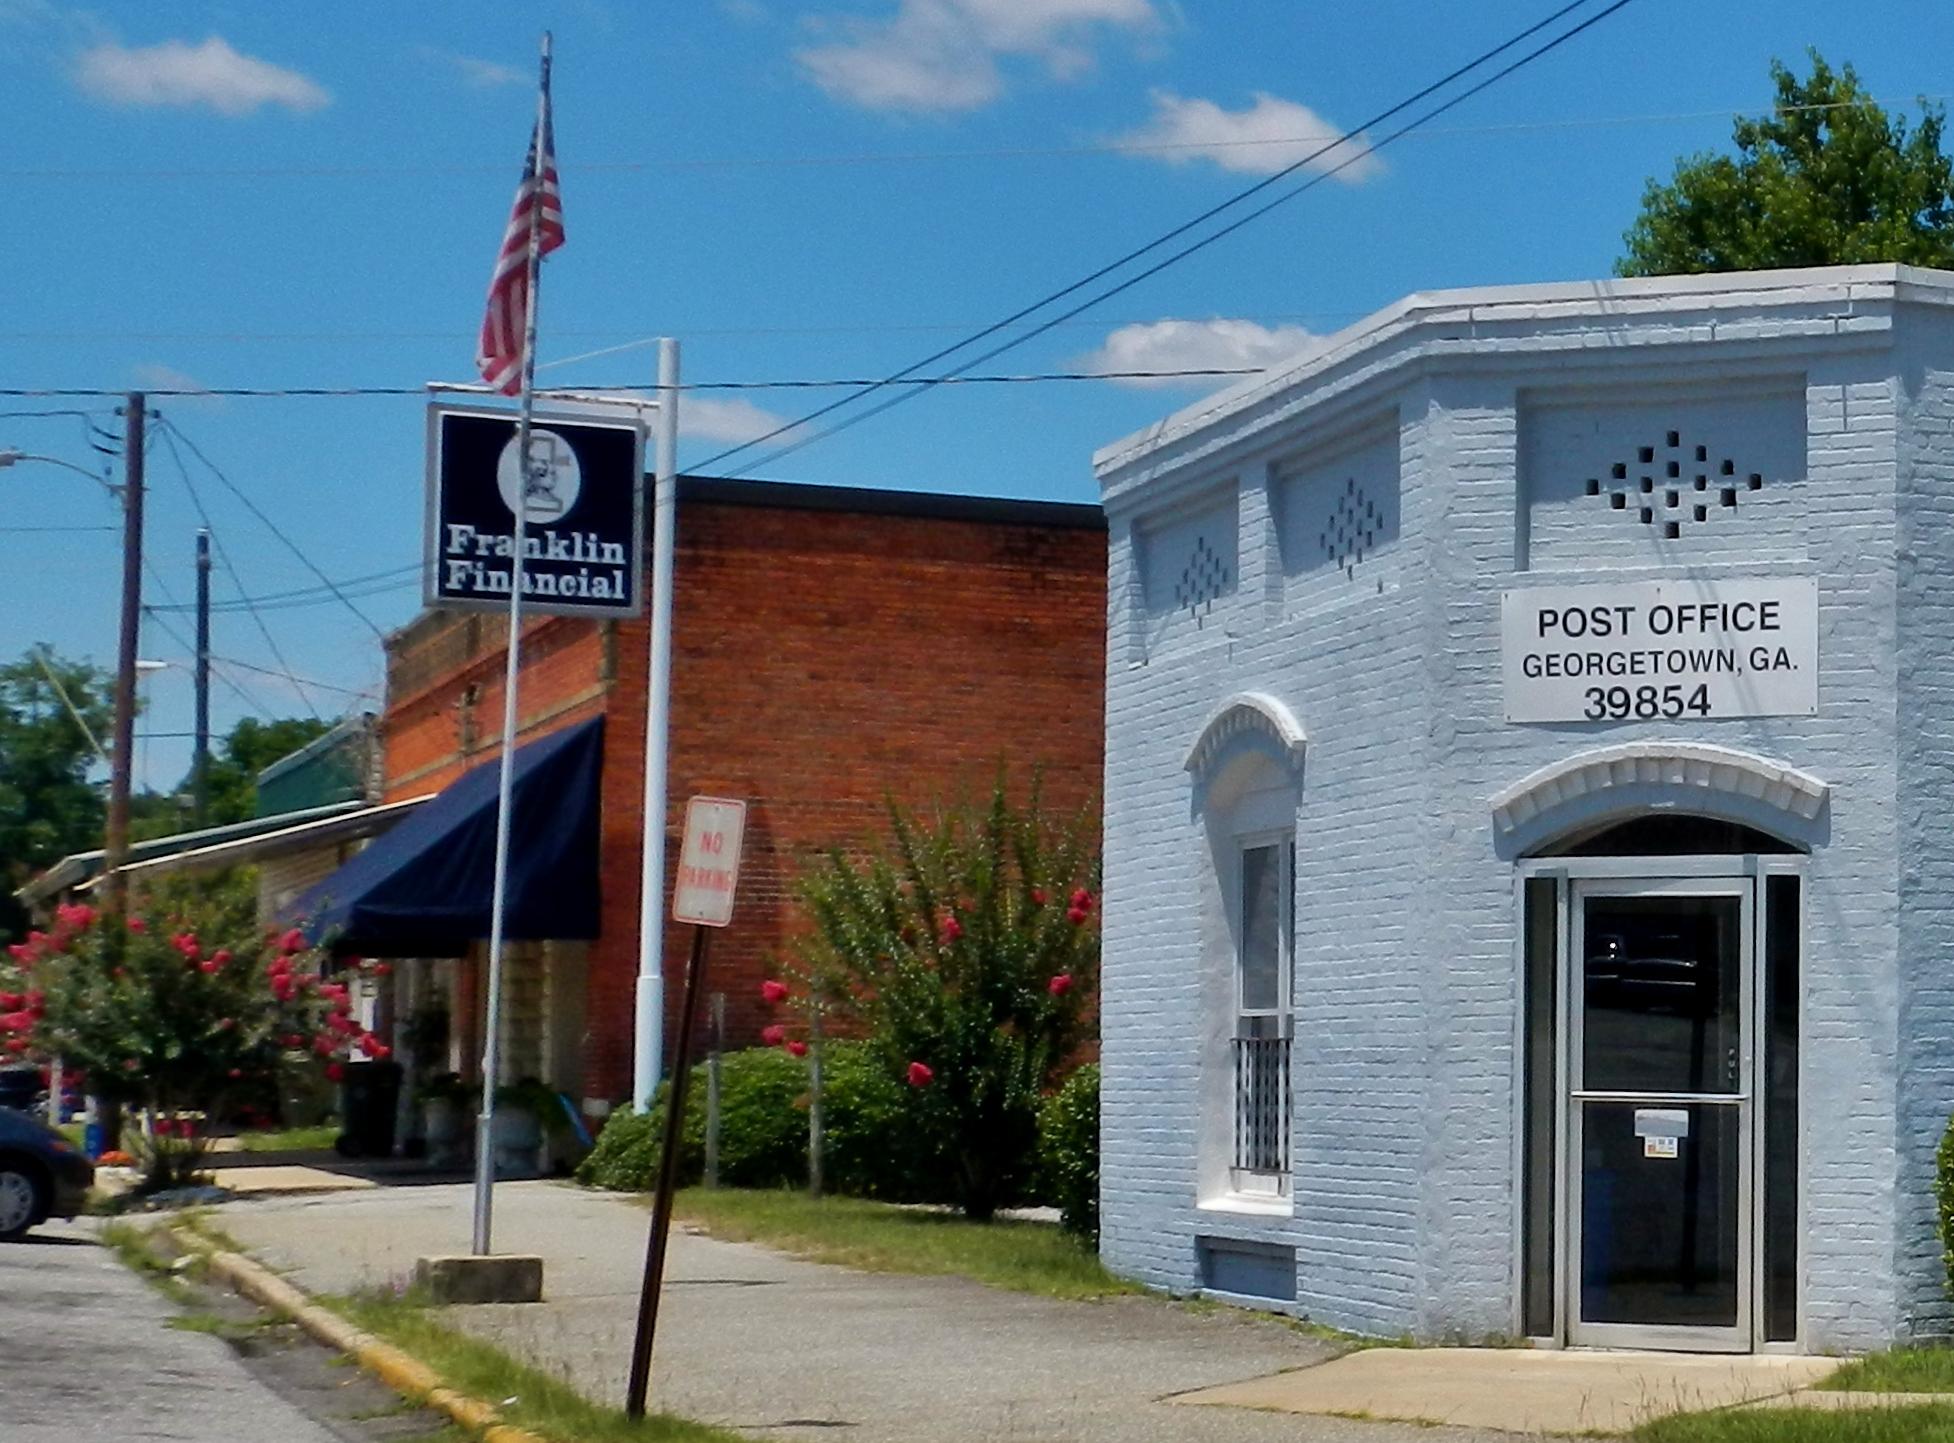 File:Georgetown, GA.JPG - Wikipedia